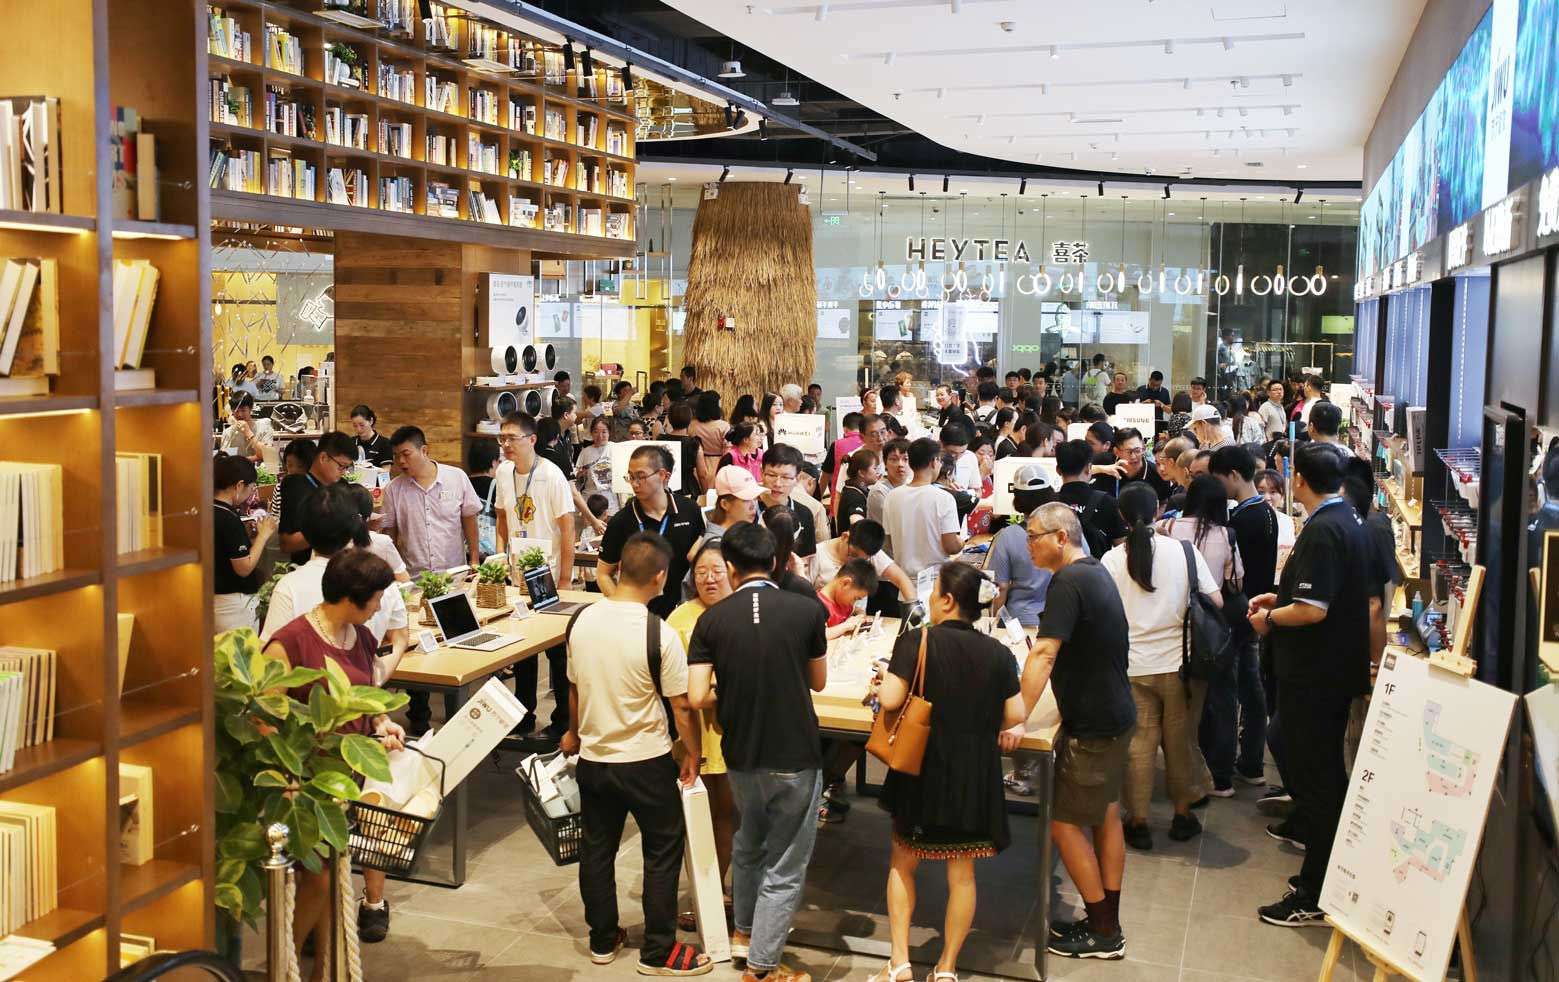 <b>天气又热又闷,这家店却挤满了人</b>